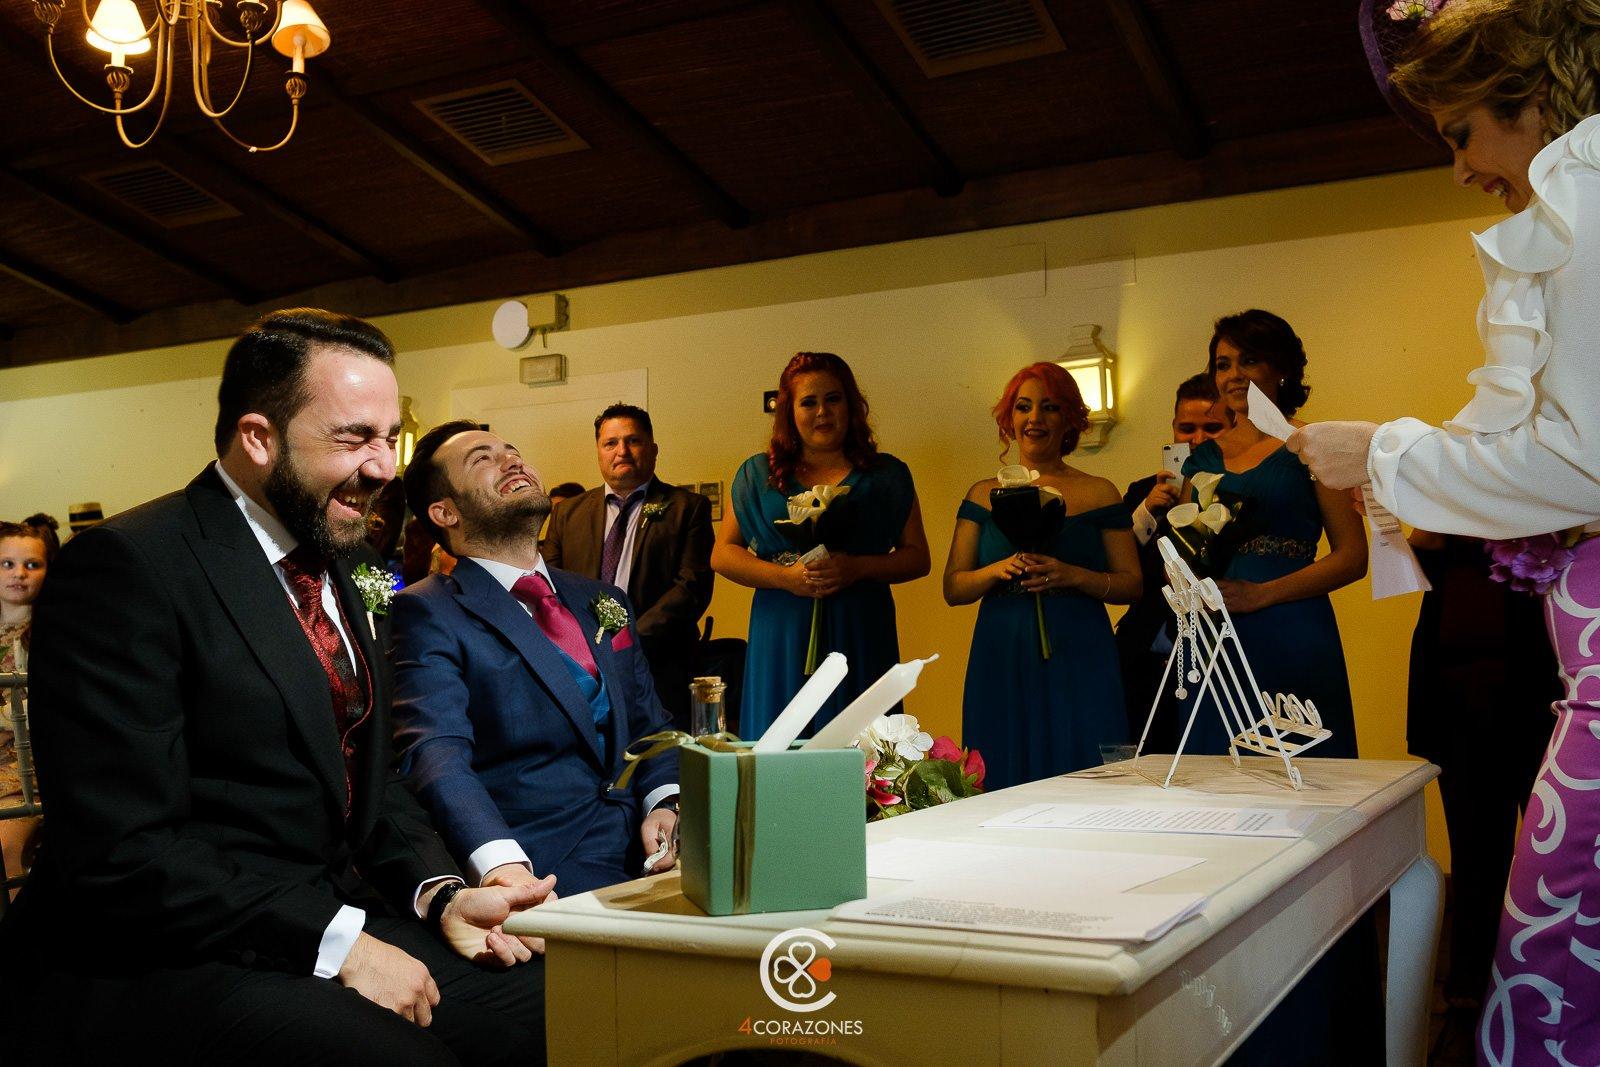 Boda gay en el hotel Guadacorte Park Fran y Manuel-020-cuatro-corazones-fotografia-juanlu-corrales